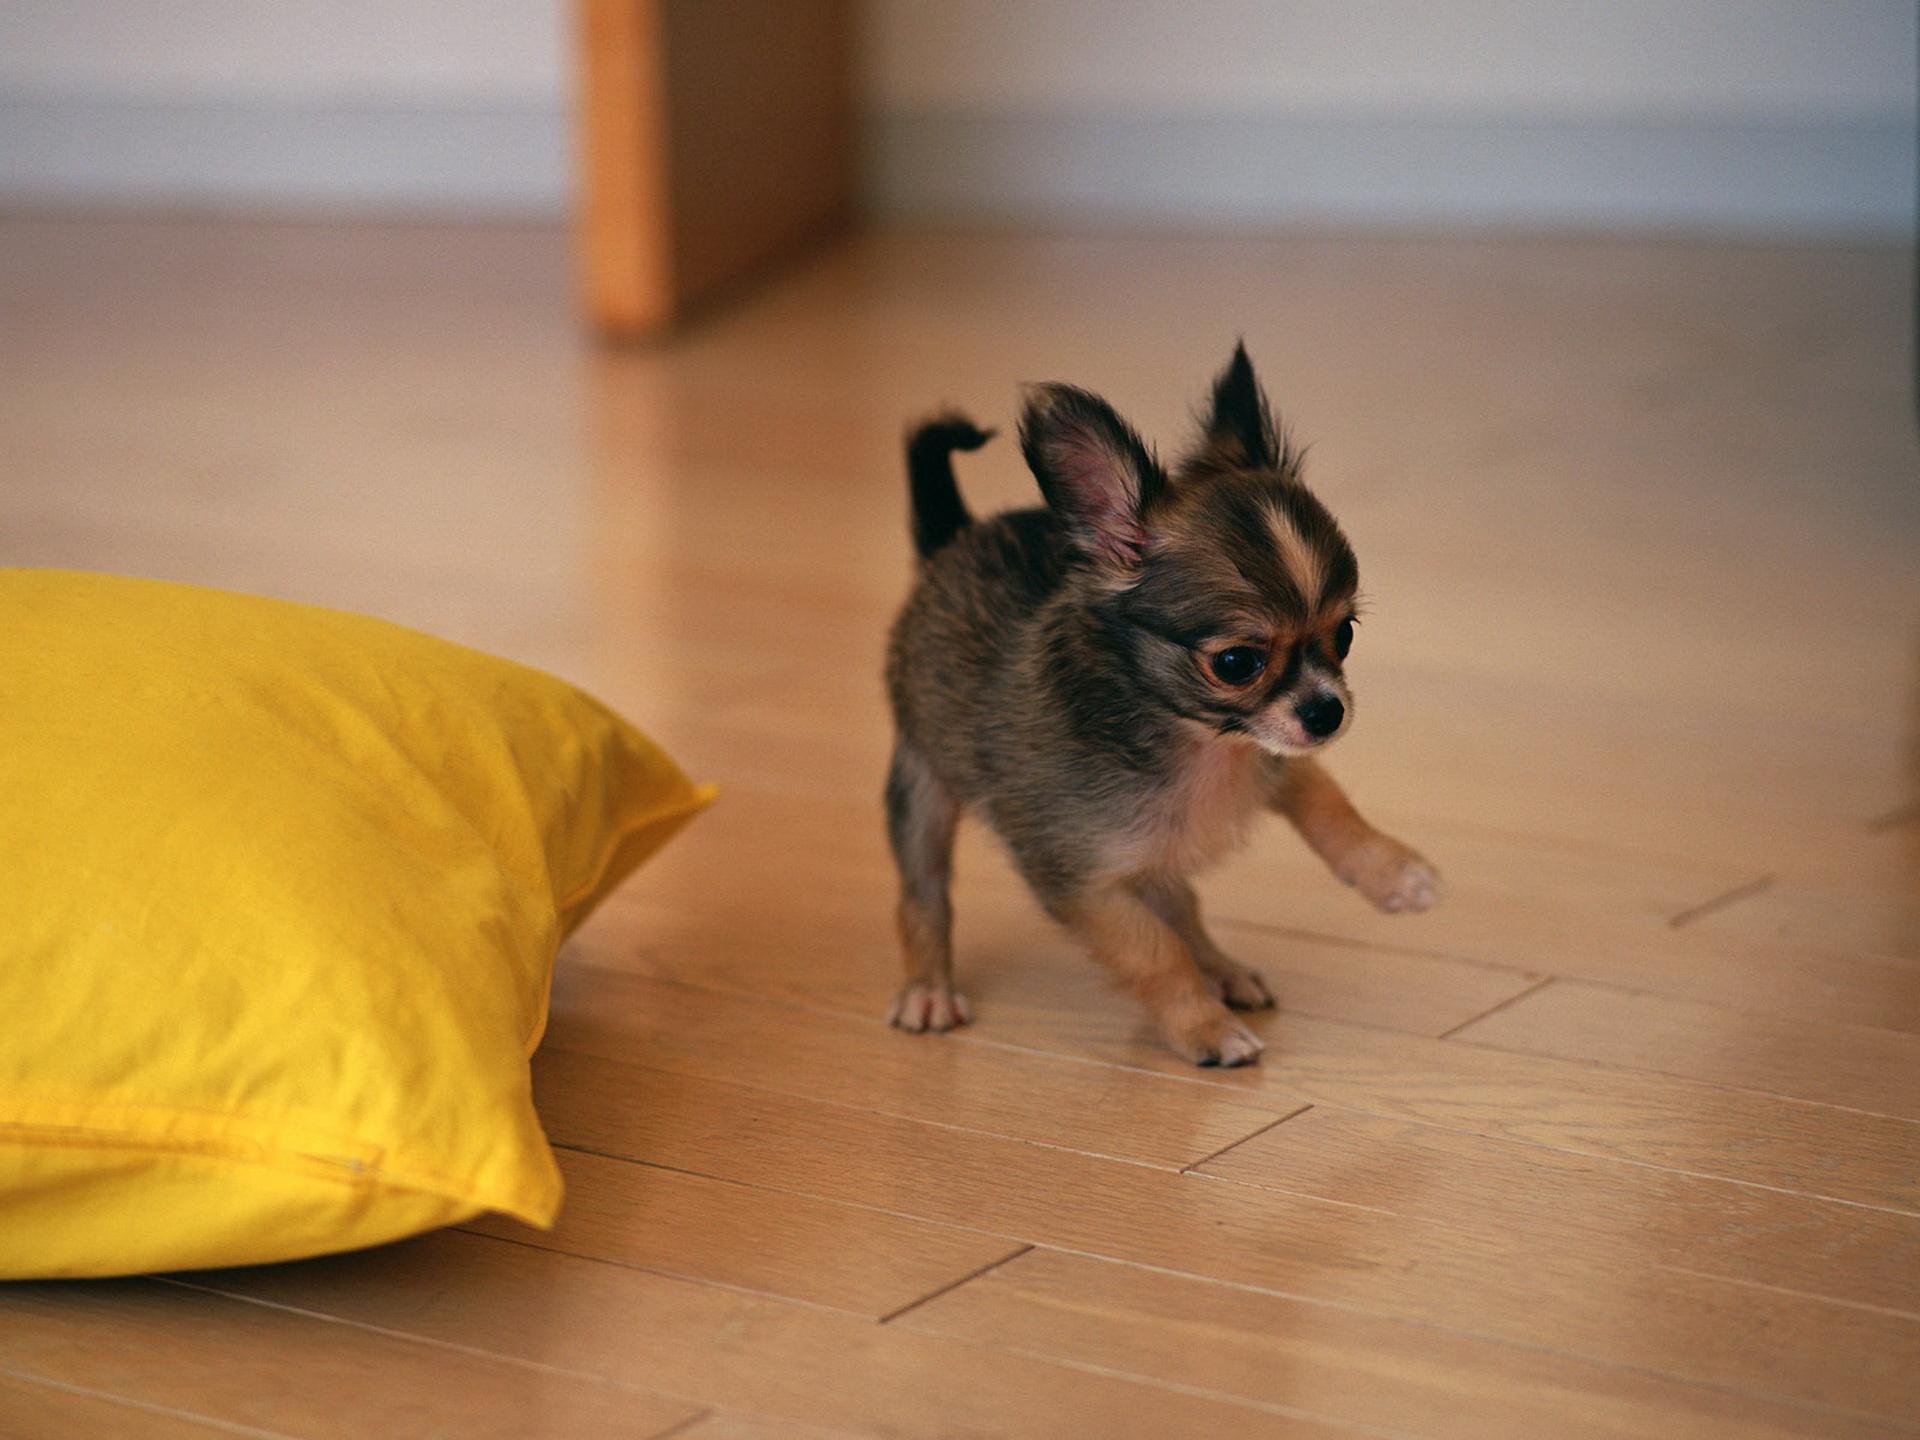 фото, собакен, русский той-терьер, щенок